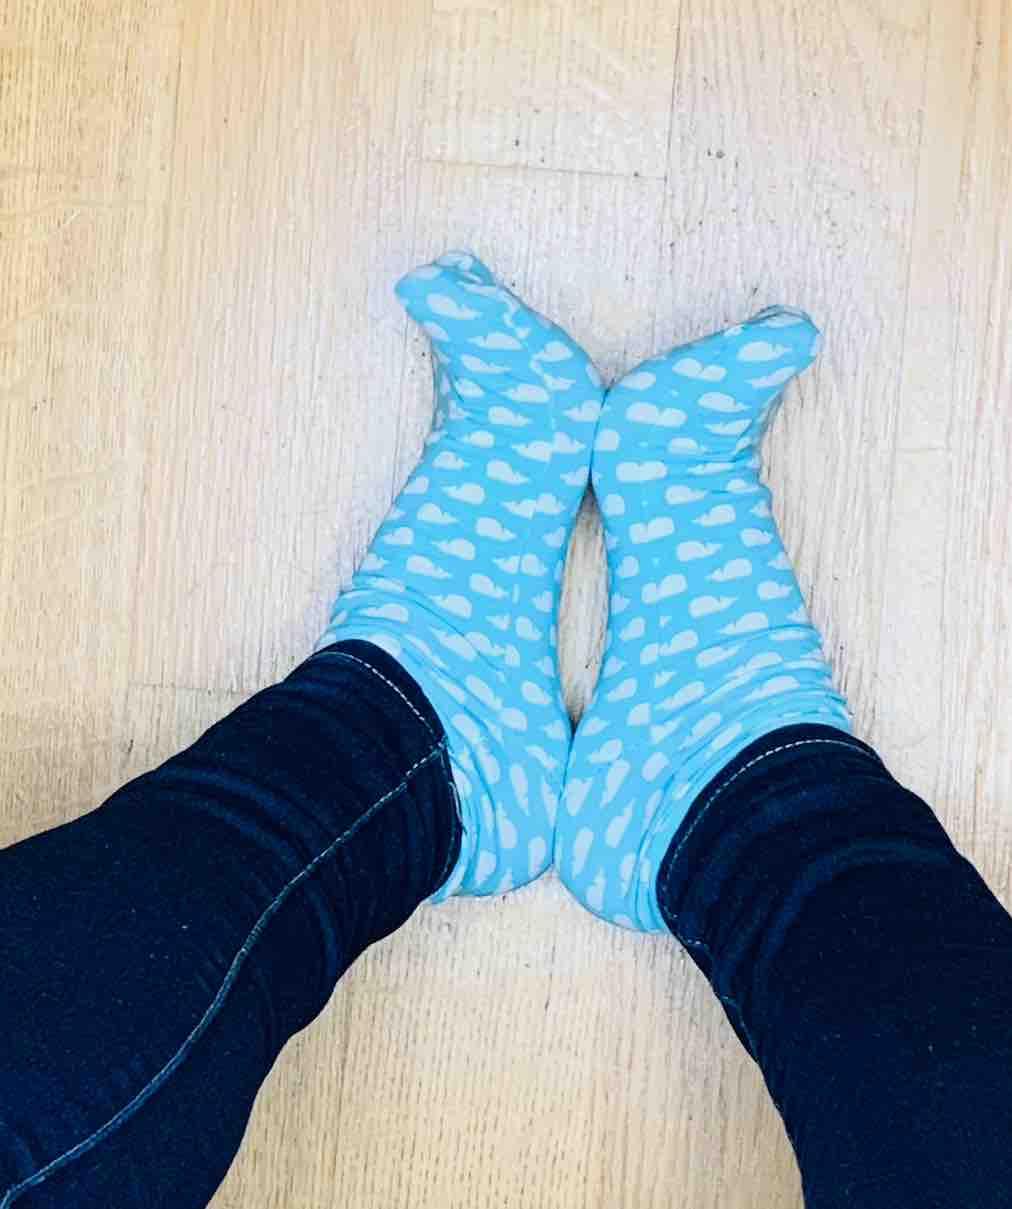 Sempre io con i calzini delfino